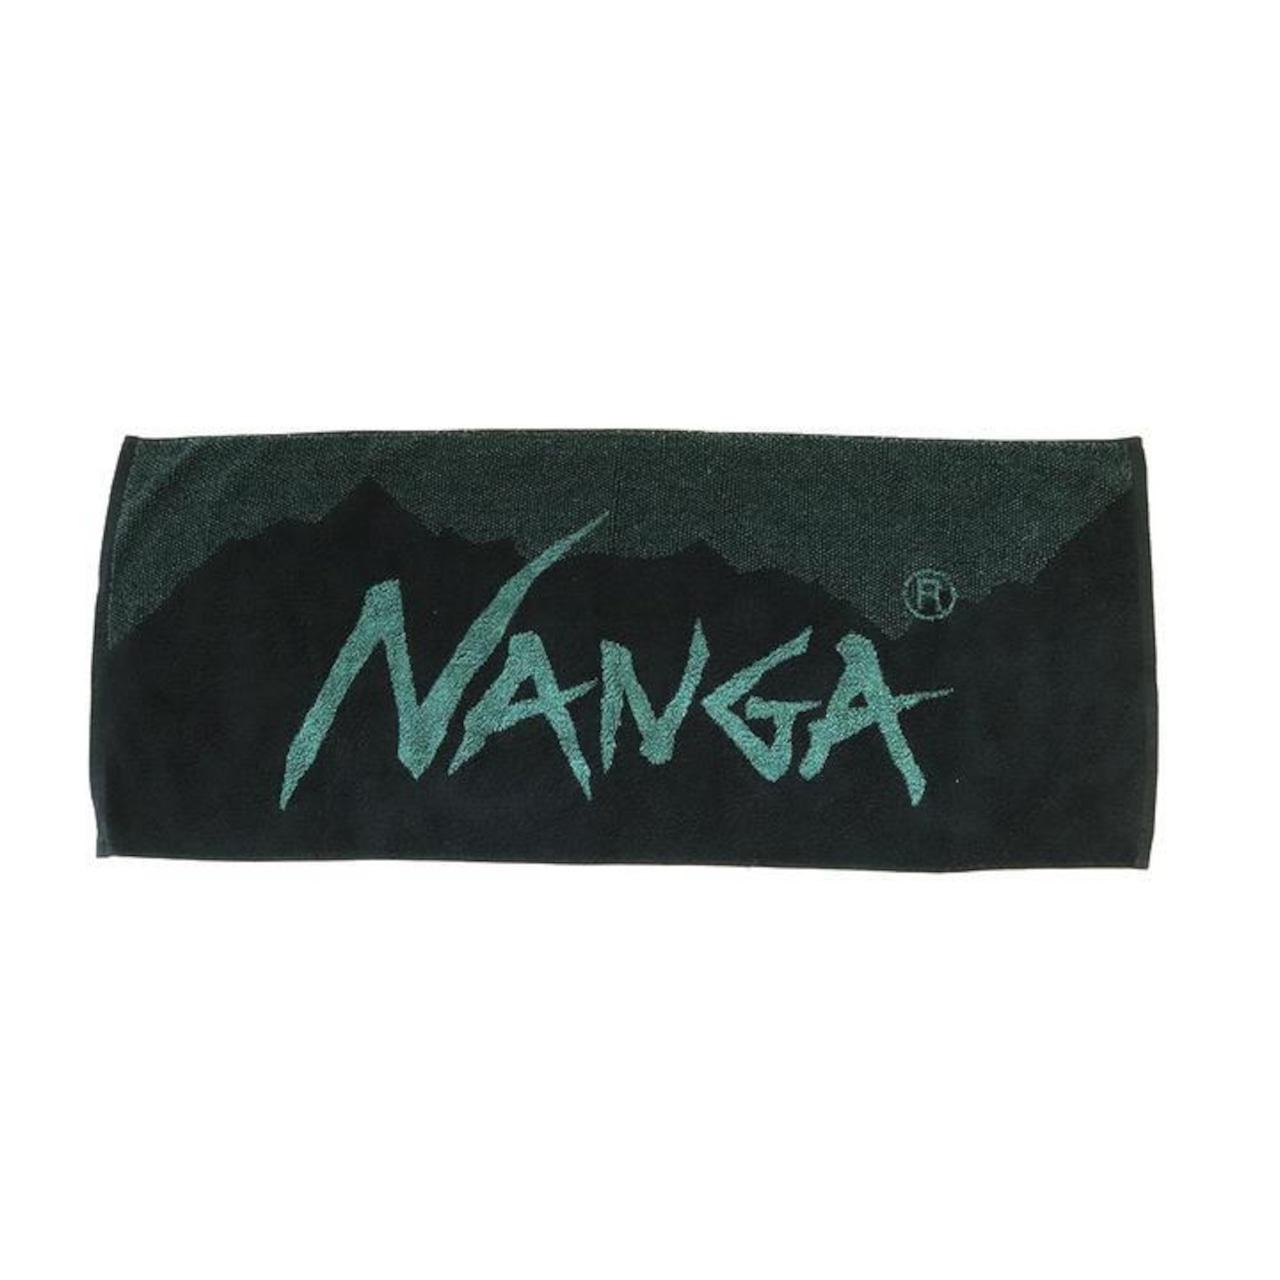 NANGA LOGO TOWEL